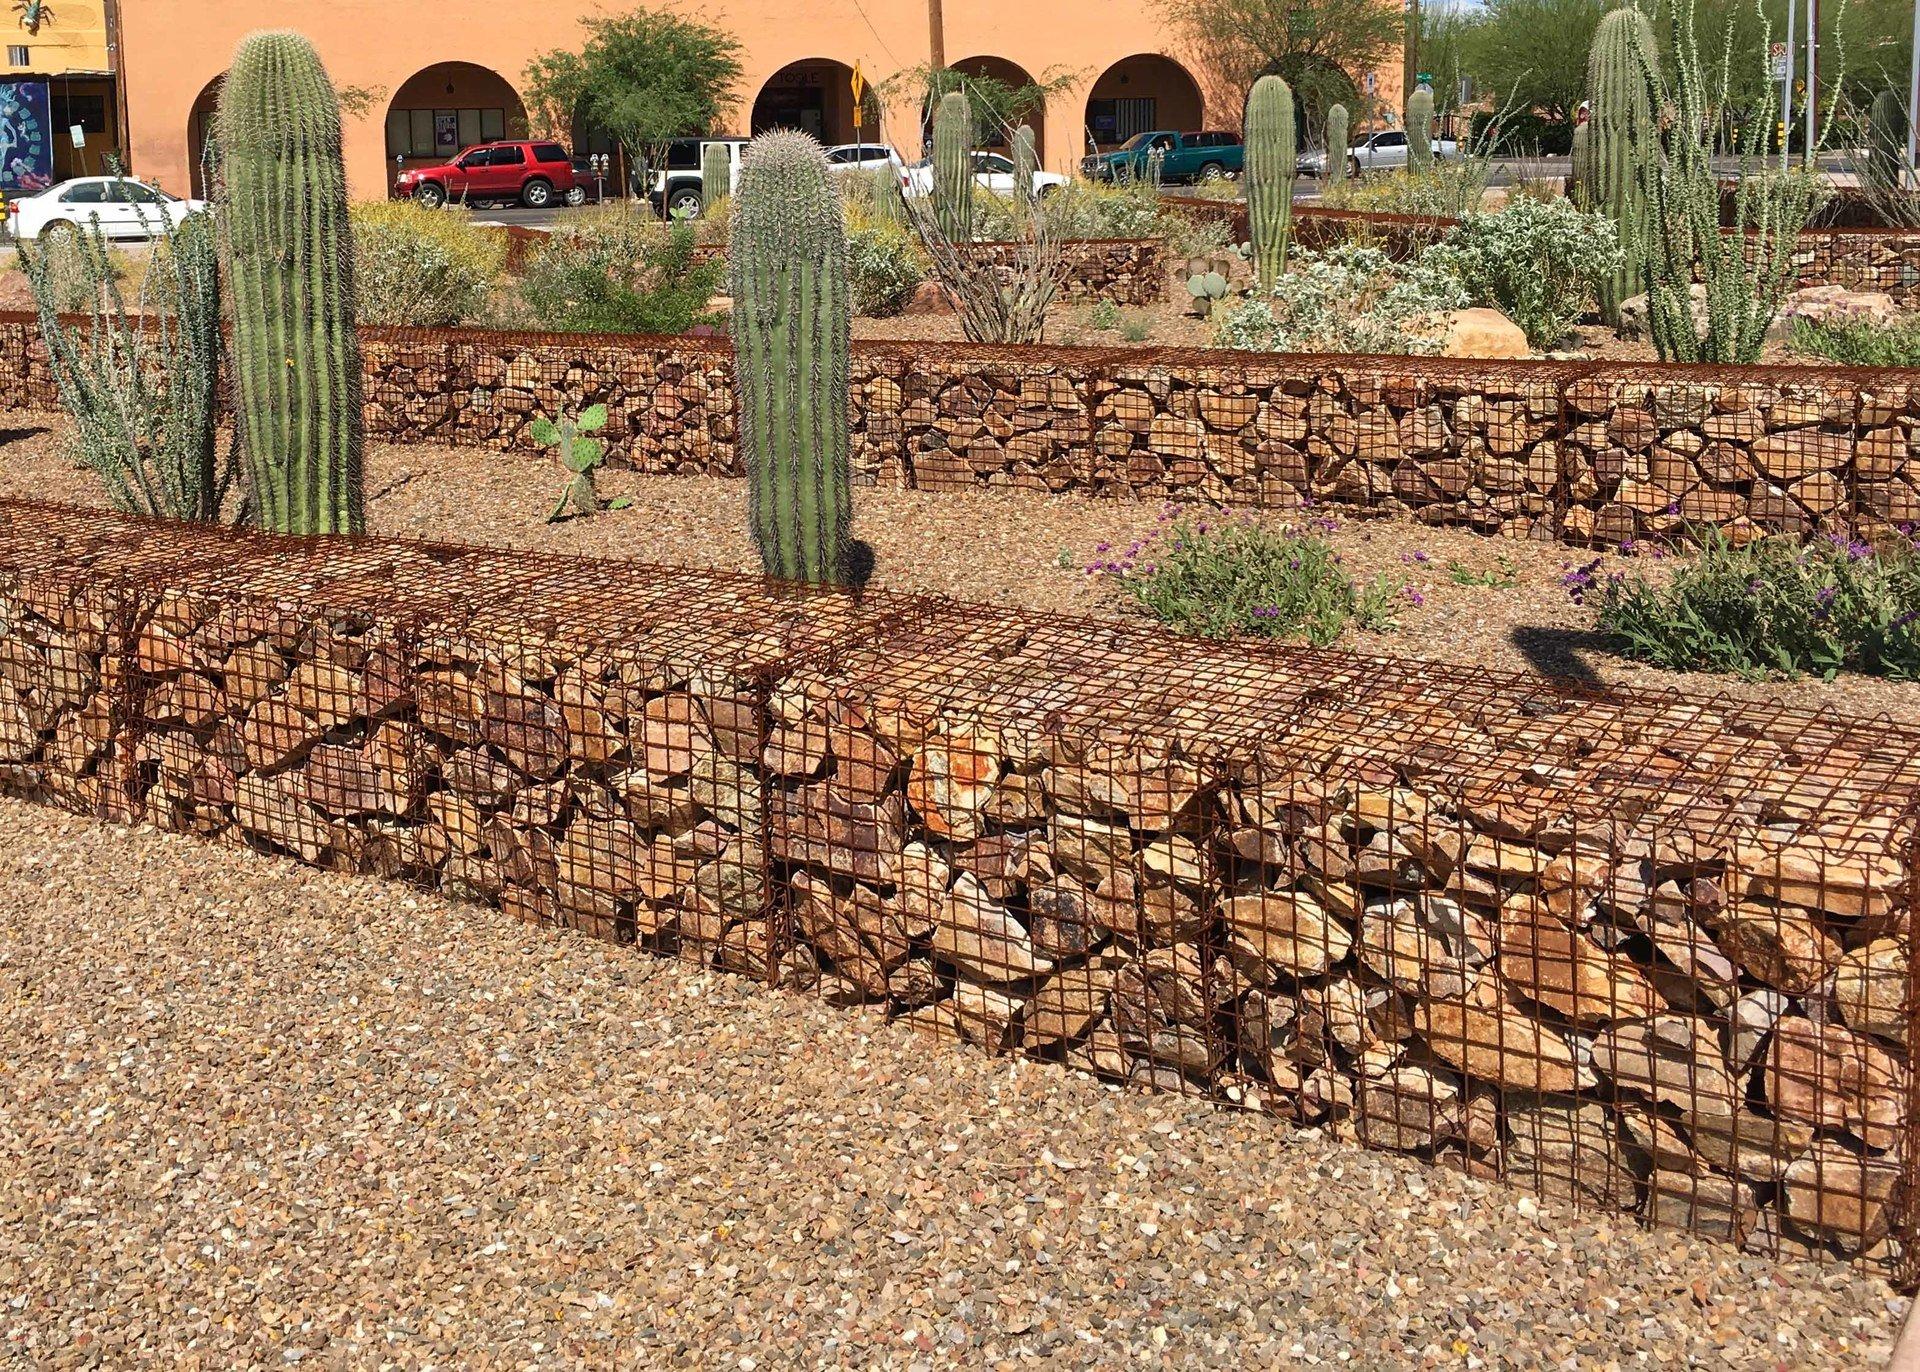 декоративный забор из камней на даче фото говорил марк твен